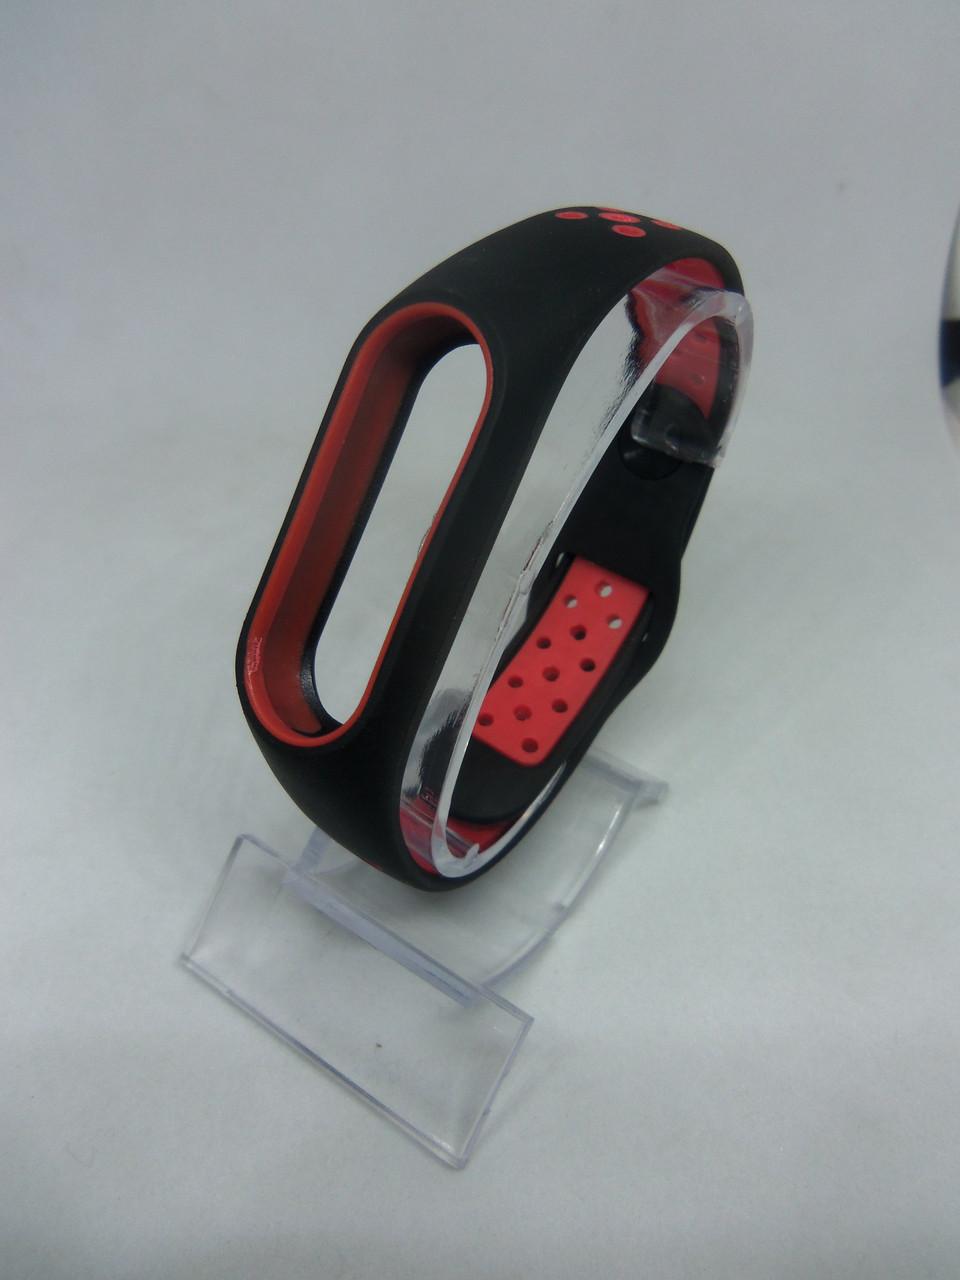 Перфорированный ремешок Sport браслет на Mi Band 2/ми бенд 2 черно-красный